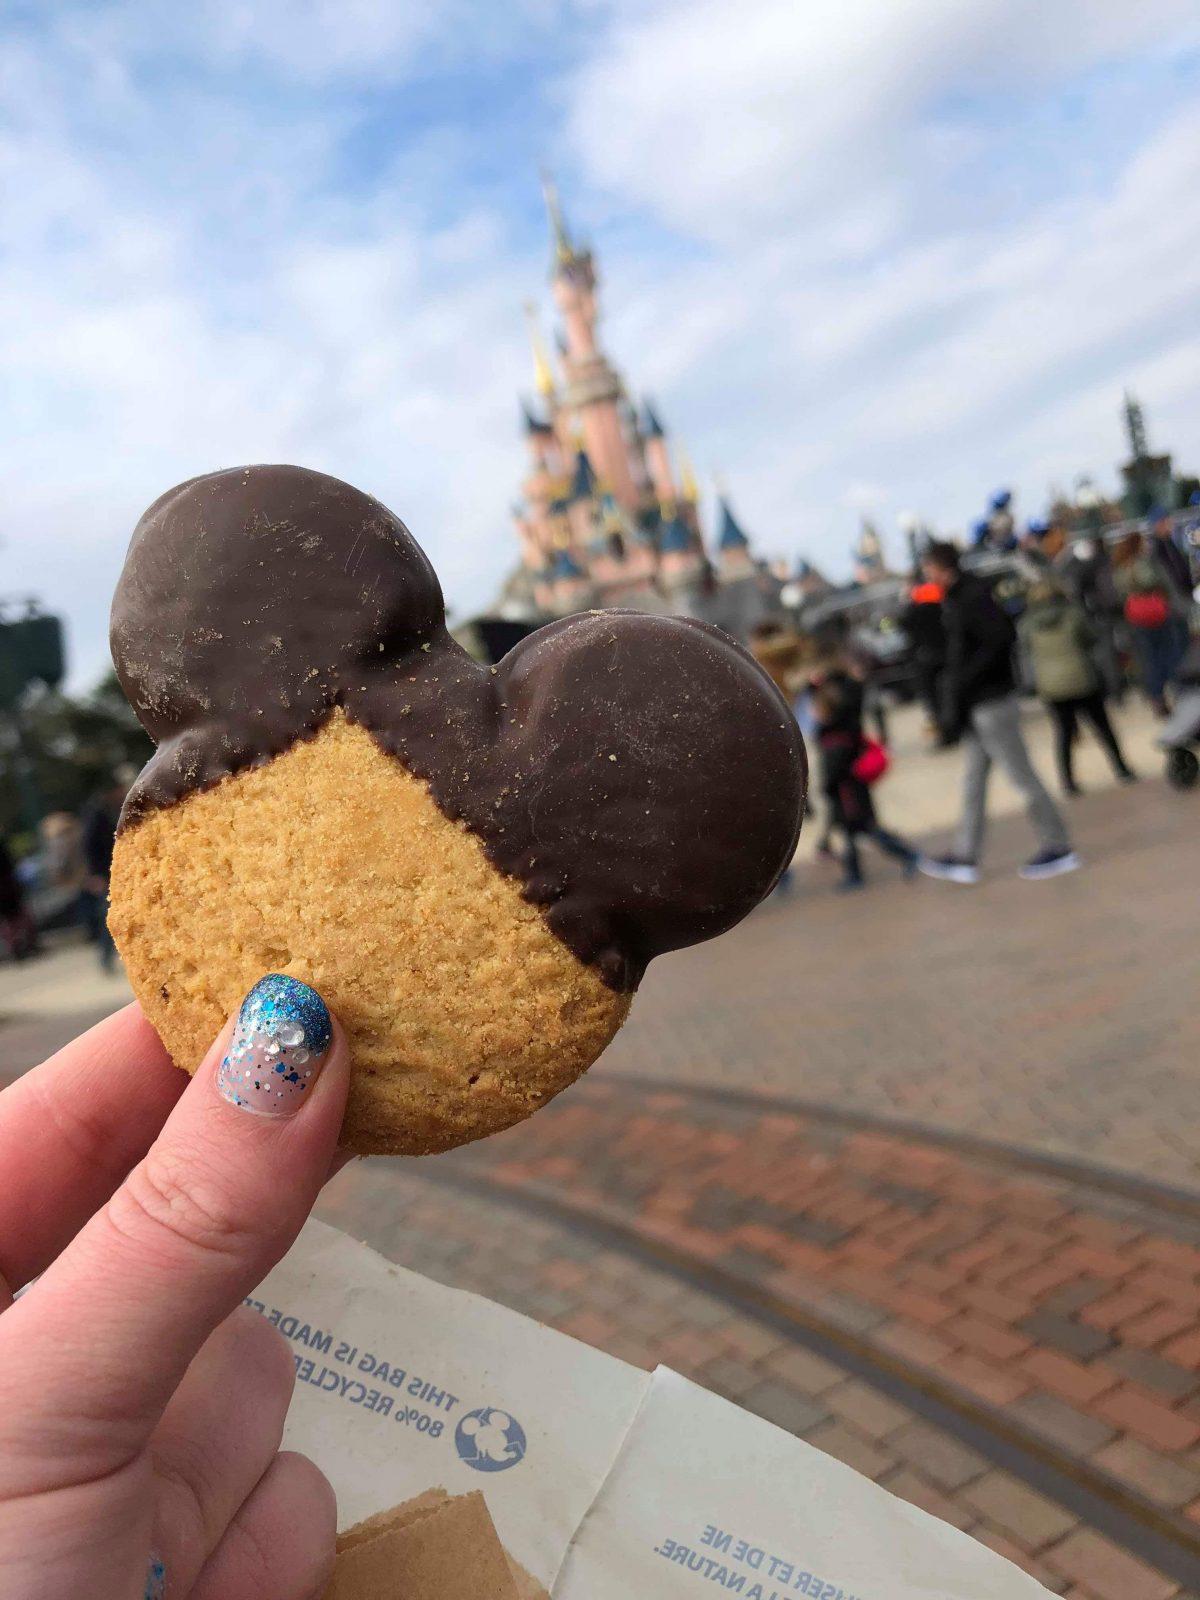 Food in Disneyland Paris, in front of the castle